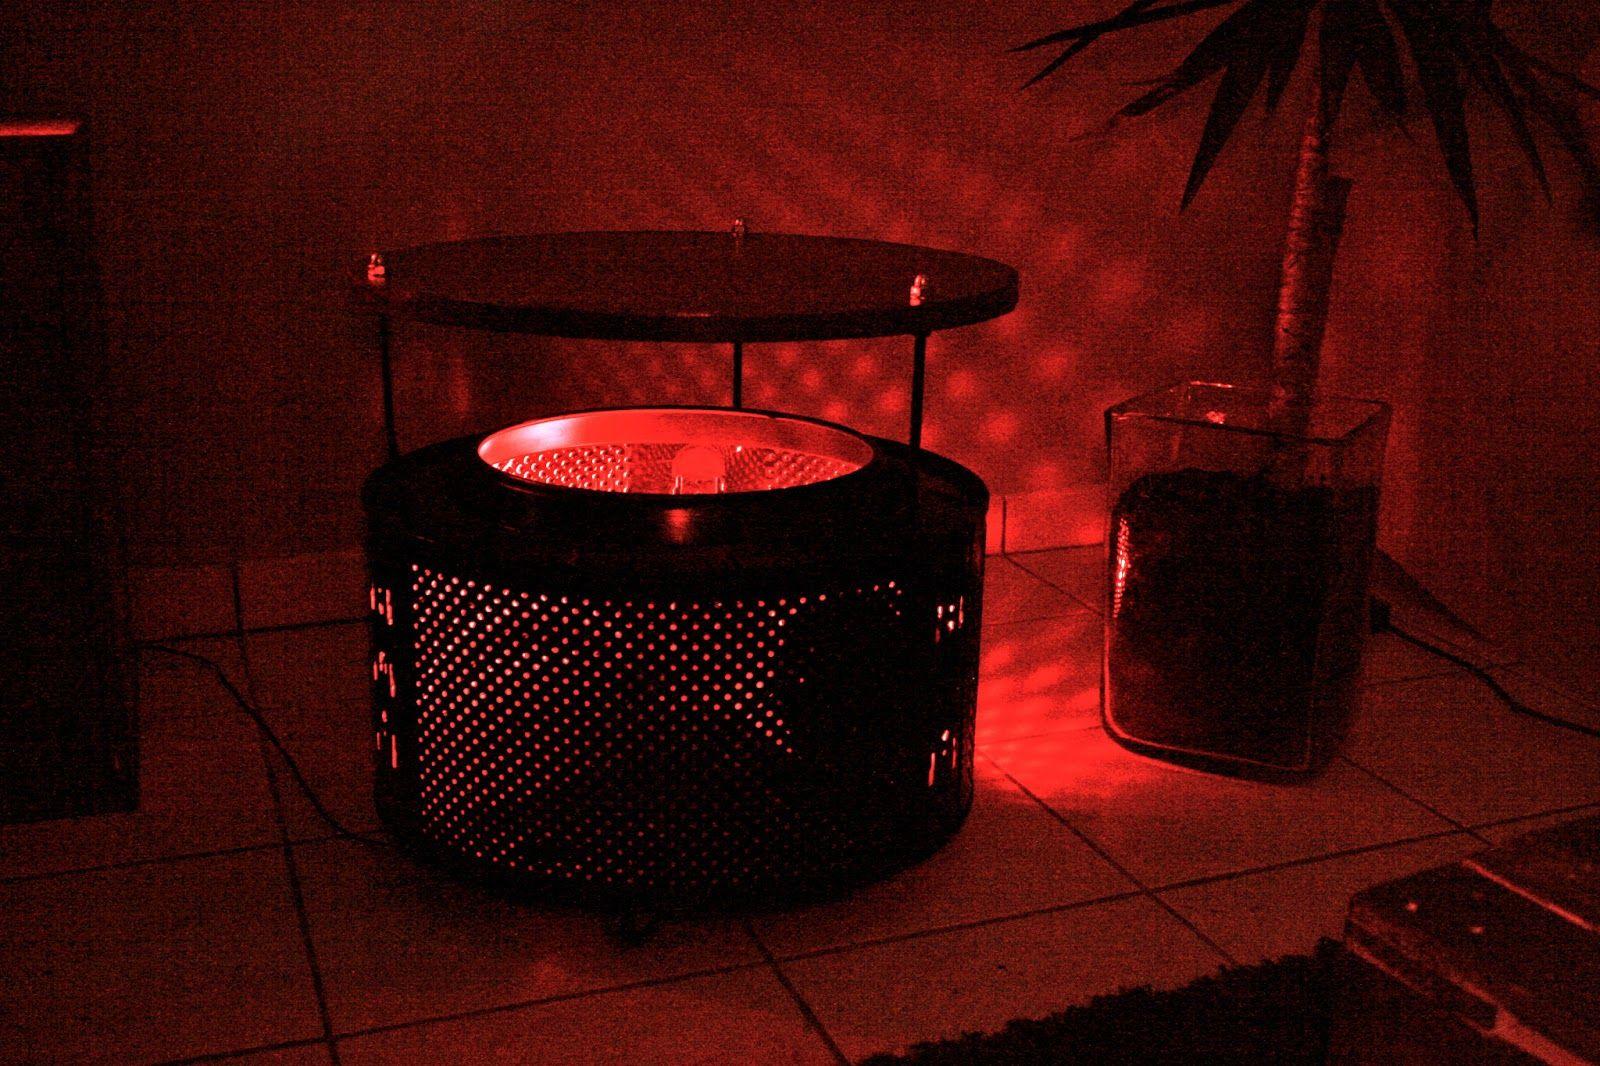 Tambour de machine a laver recycler atelier d 39 orel table tambour de machine laver man - Meuble tambour machine a laver ...